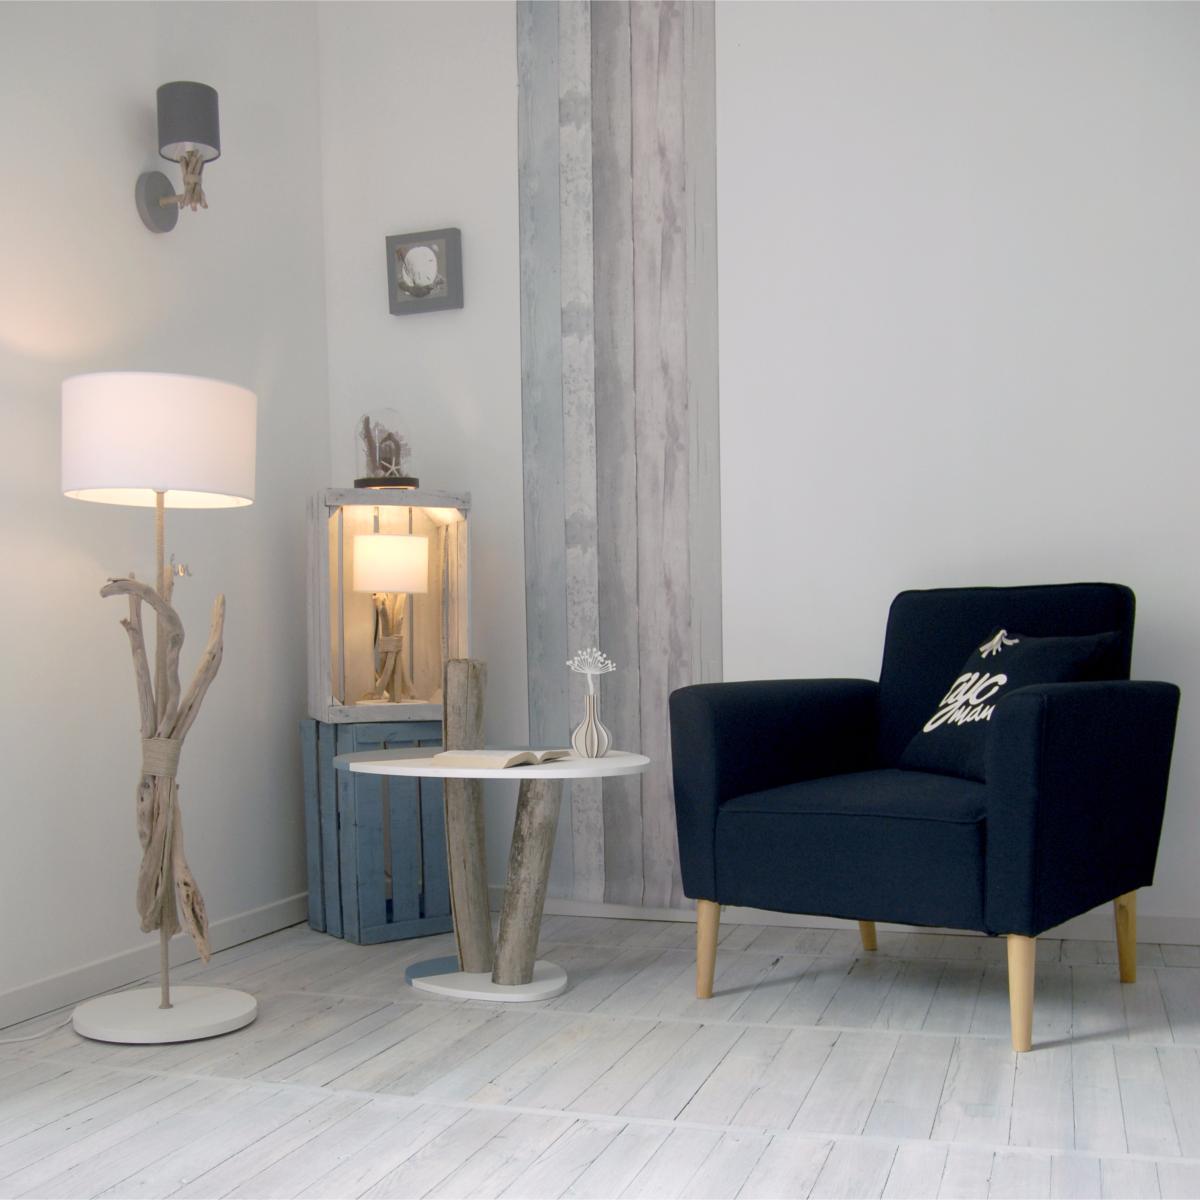 lampe applique murale en bois flott naturel fabriqu e. Black Bedroom Furniture Sets. Home Design Ideas